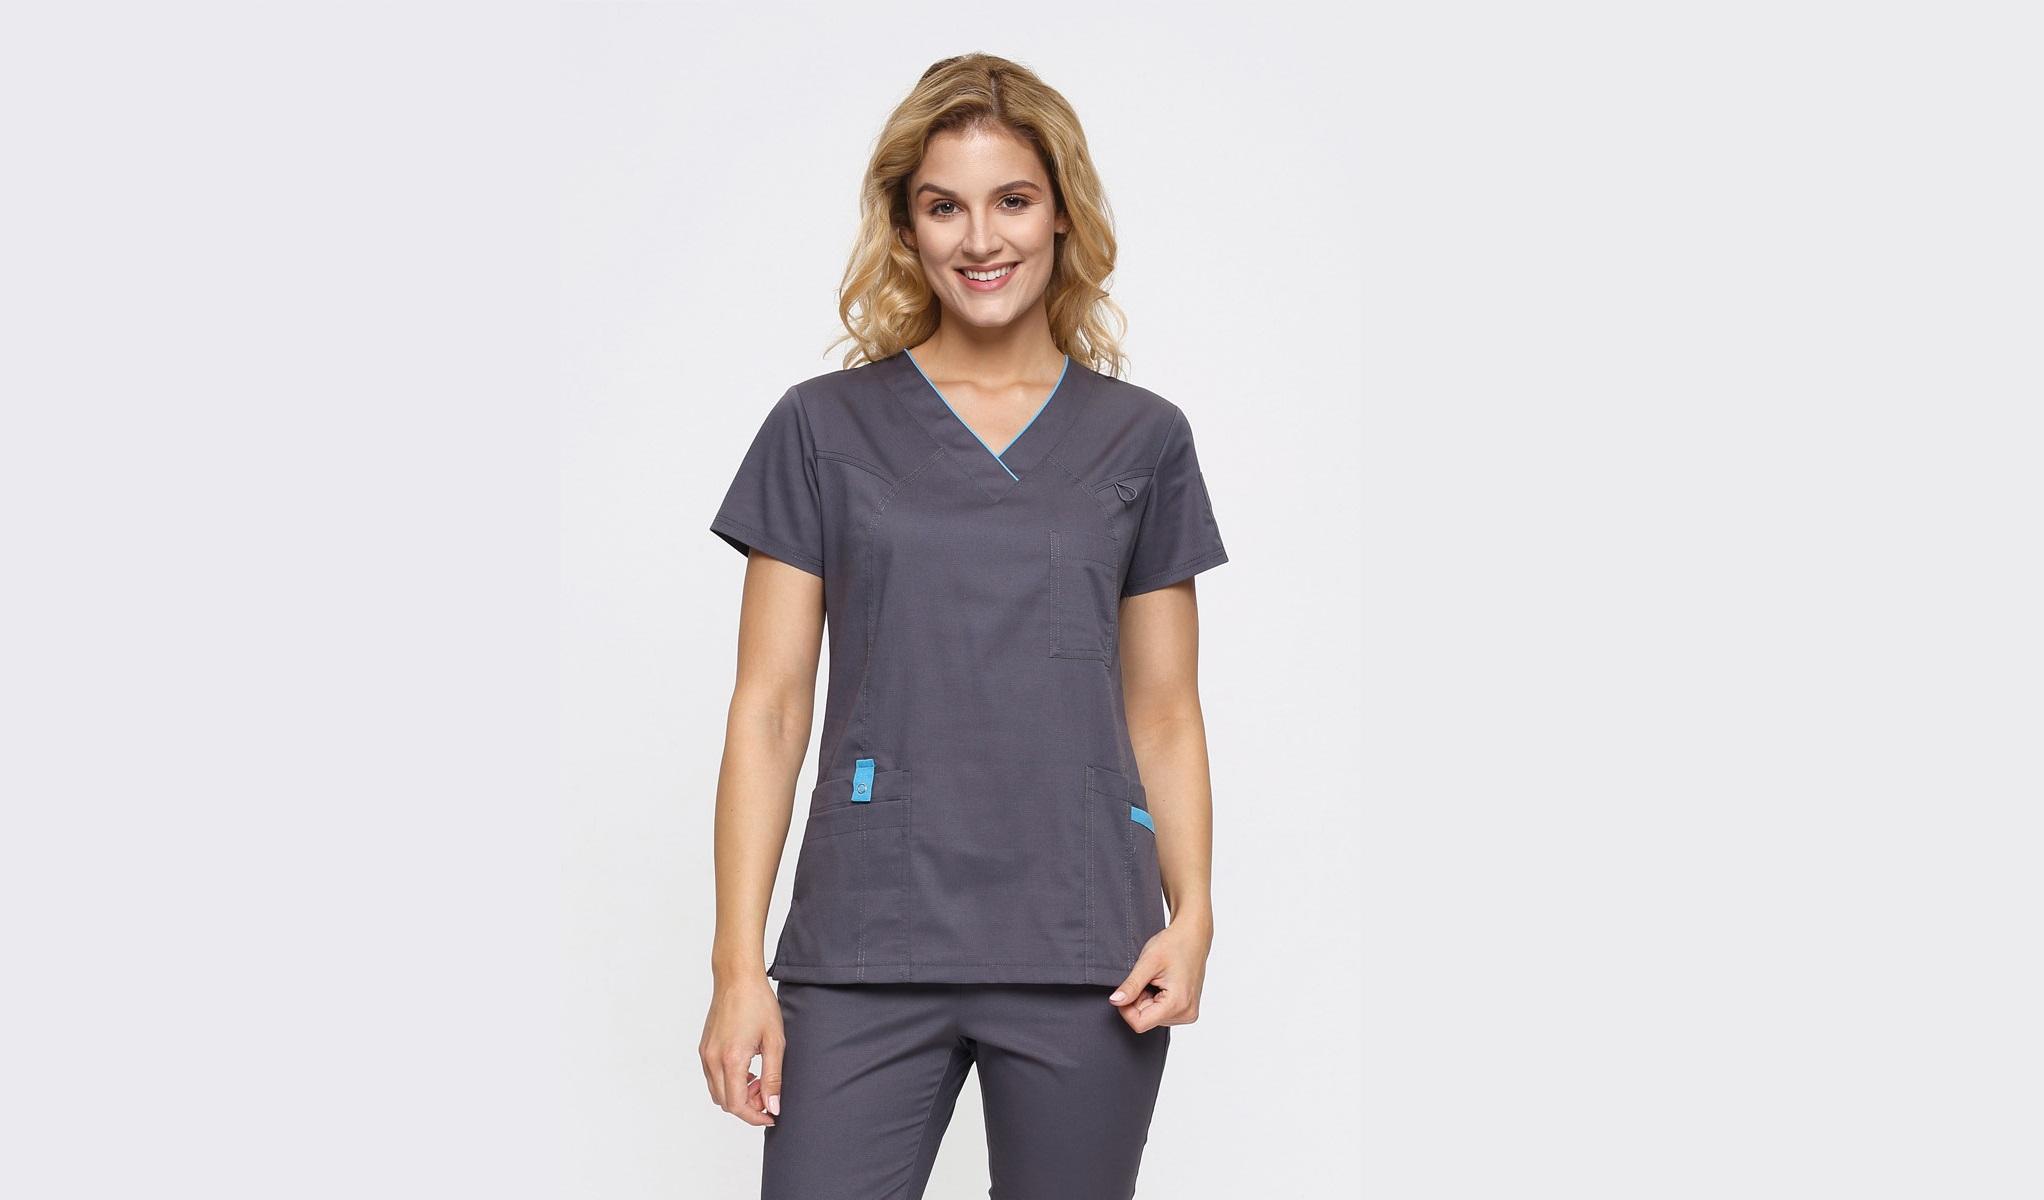 mundurki medyczne